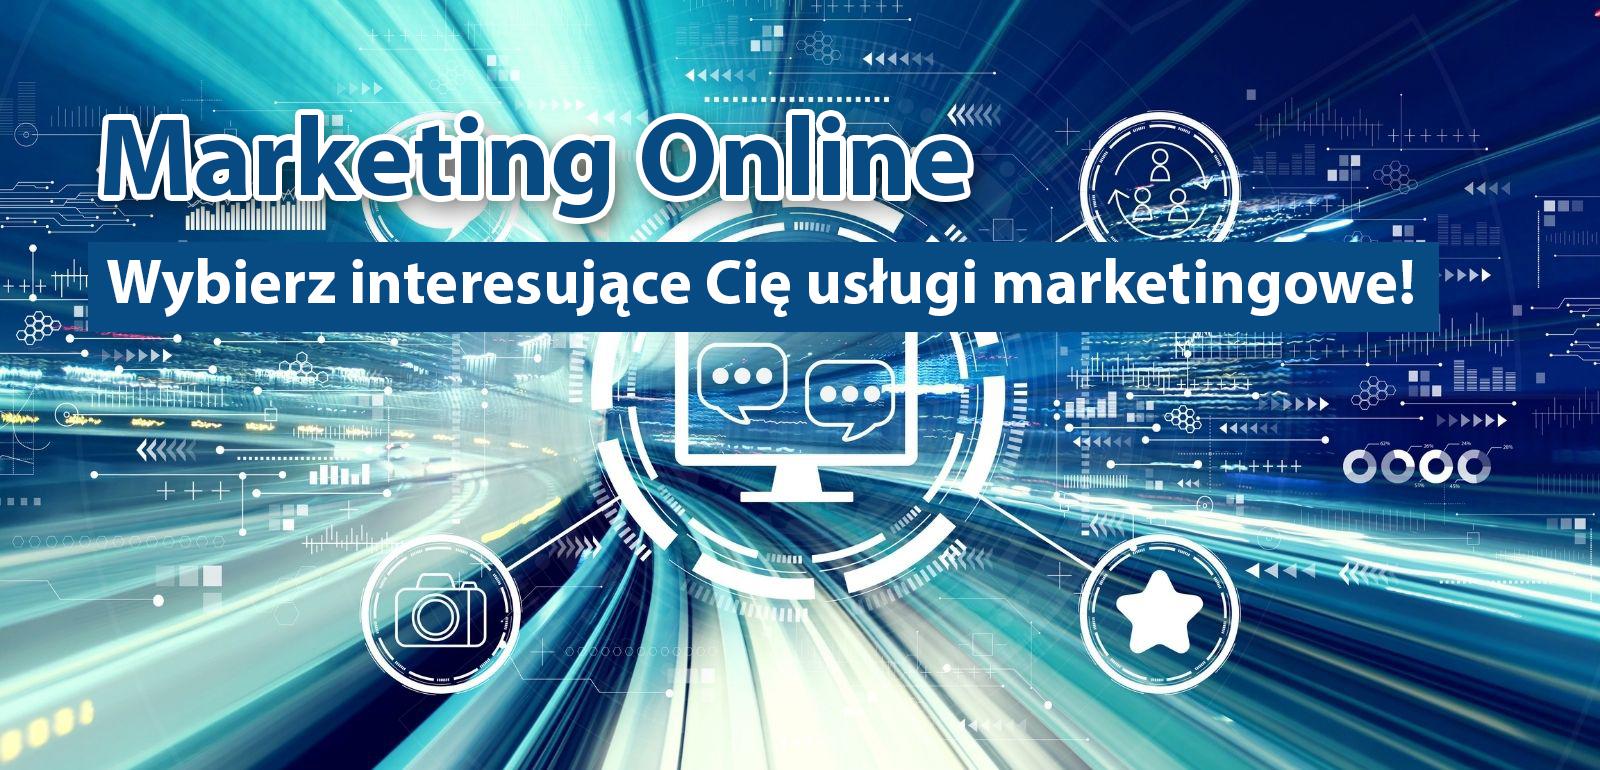 Marketing Online - wybierz interesujące Cię usługi marketingowe!!!